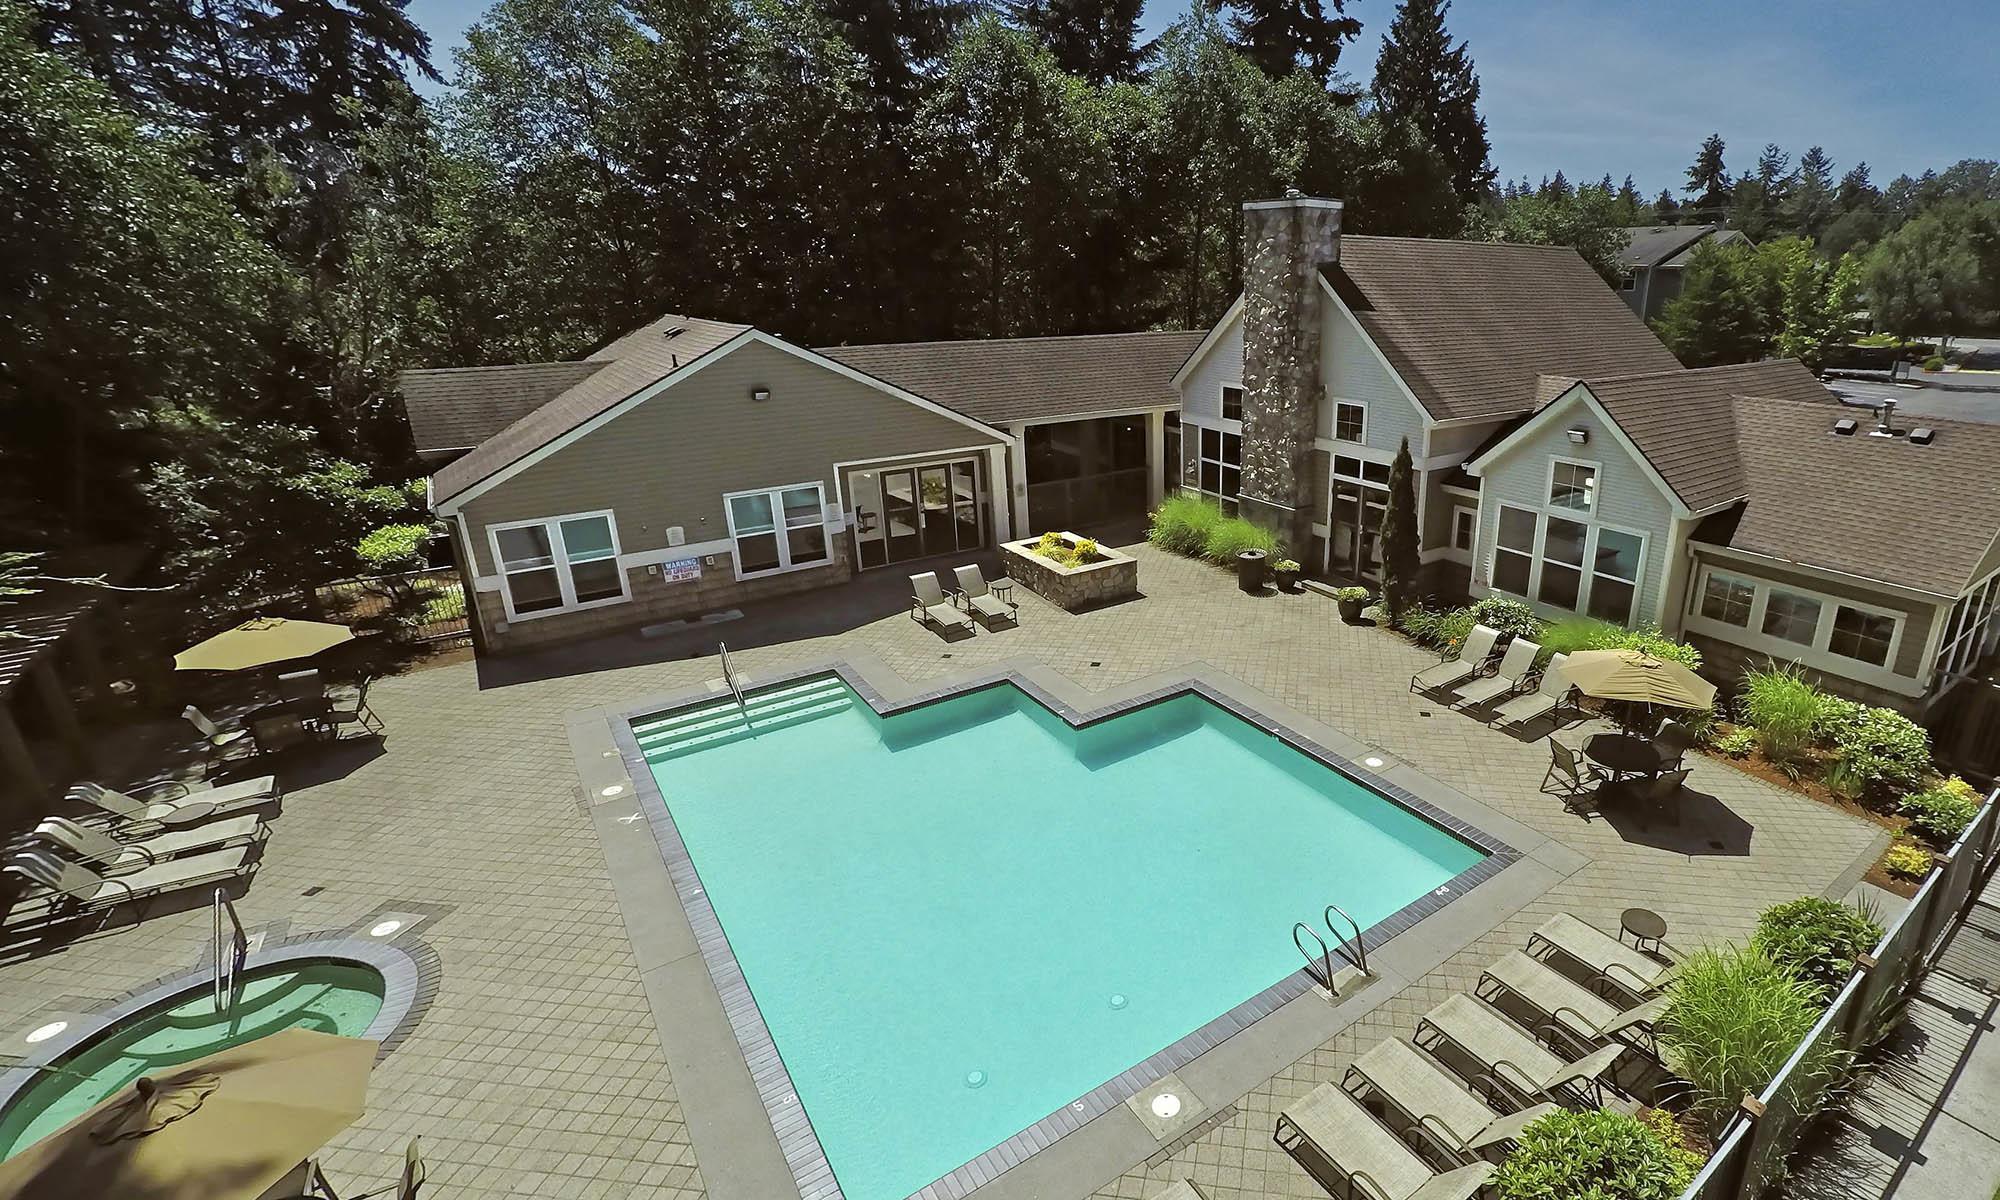 Apartments in Everett, WA